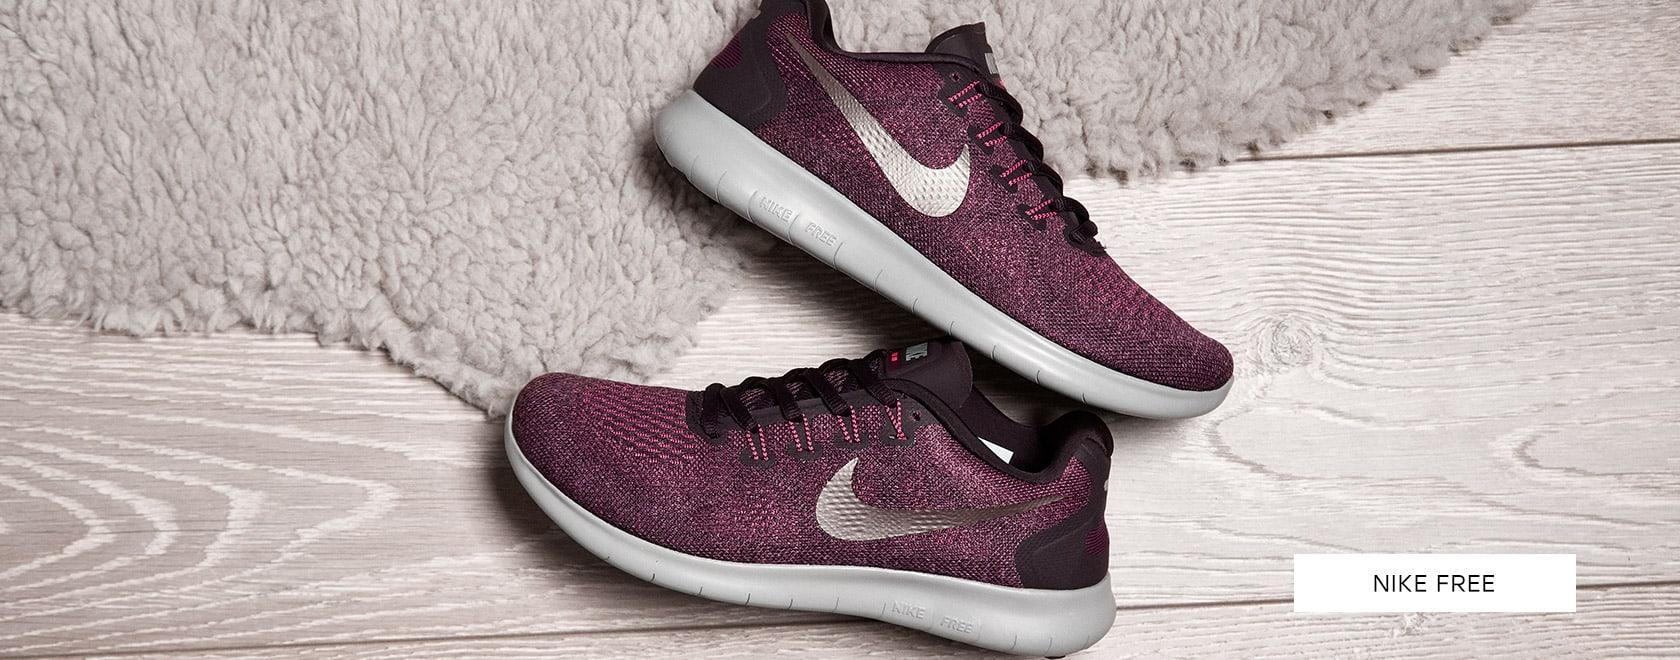 Latest Nike Footwear